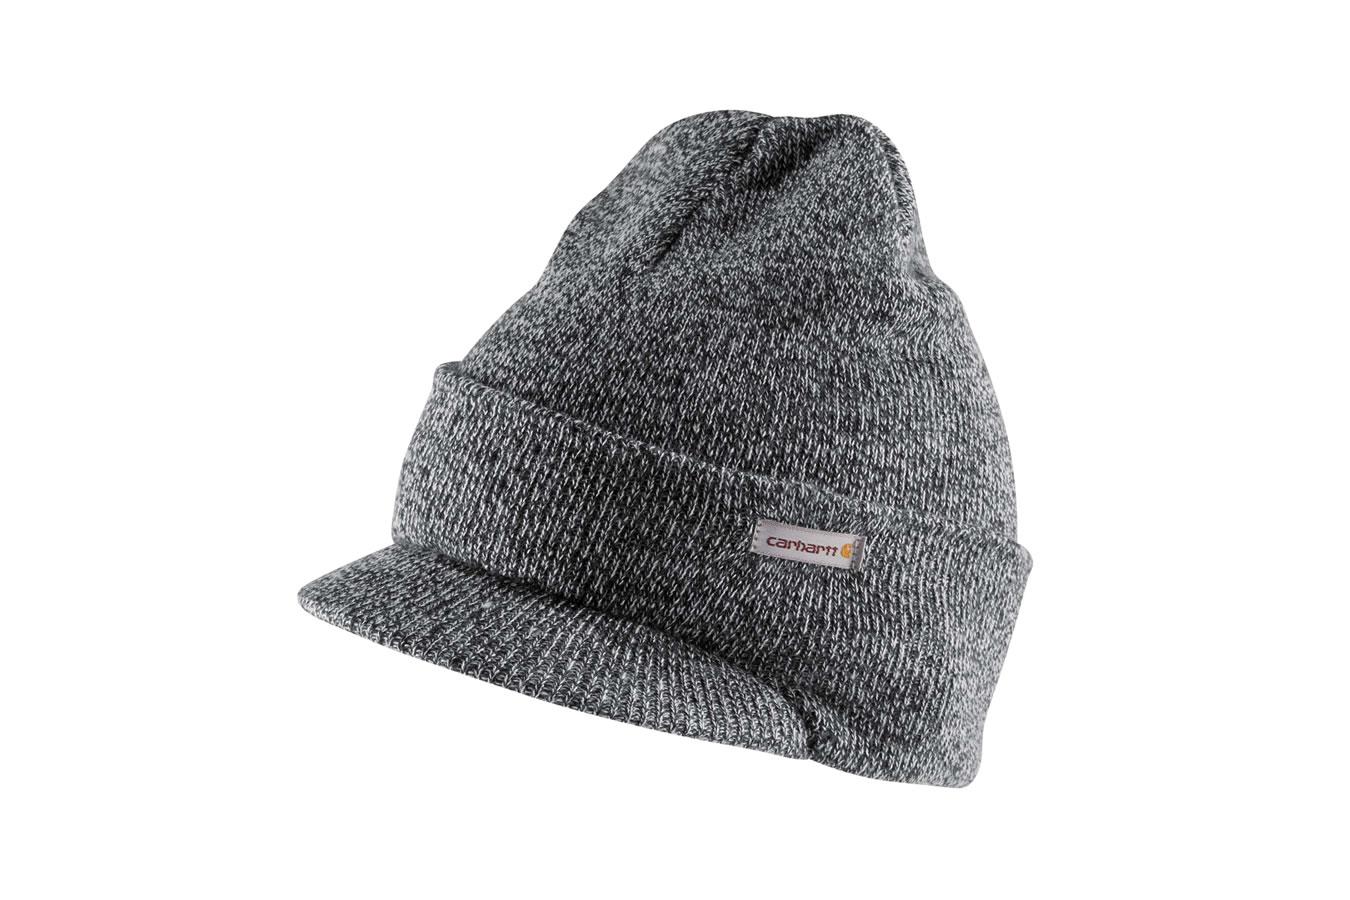 Carhartt Knit Hat with Visor  da715d5446d